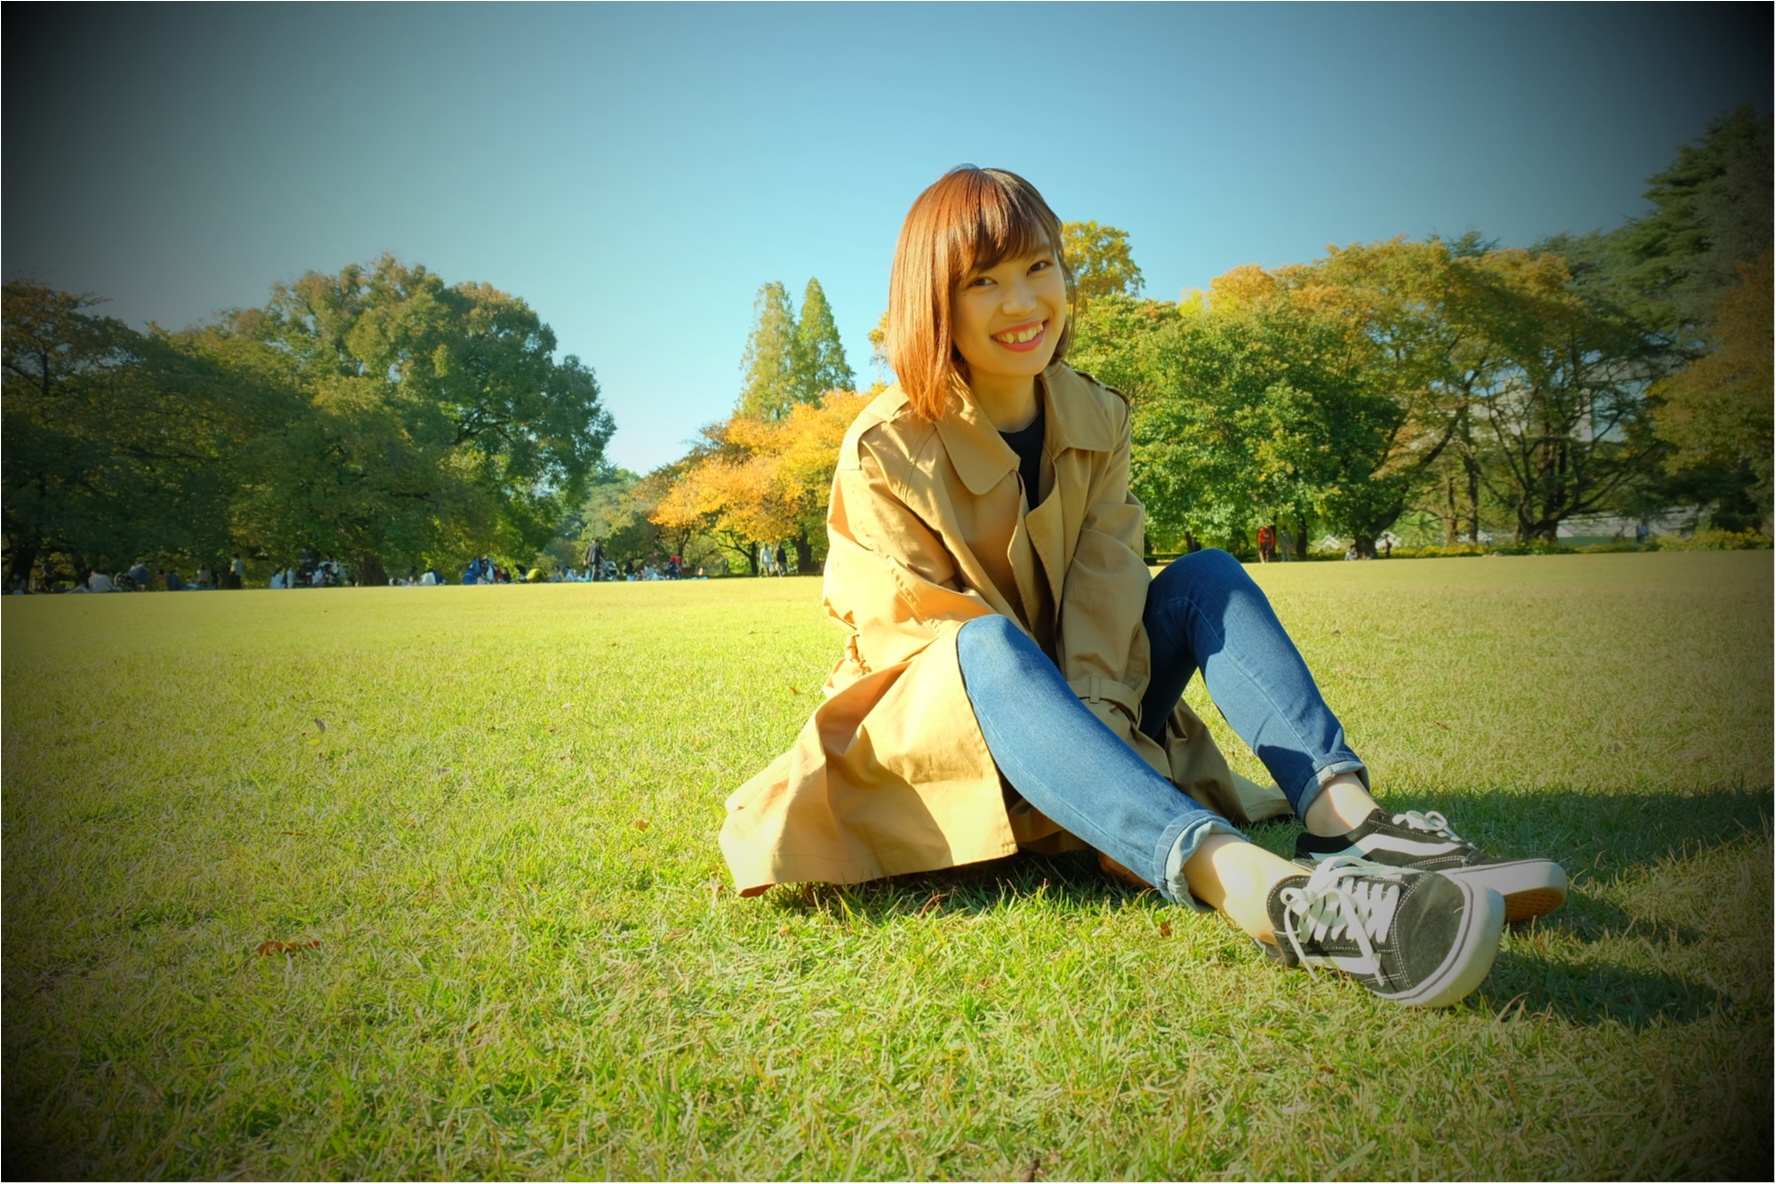 東京でも絶景の紅葉が!《新宿御苑》で秋が始められますよ〜!!フォトスポット&コーディネートも合わせてご紹介!_9